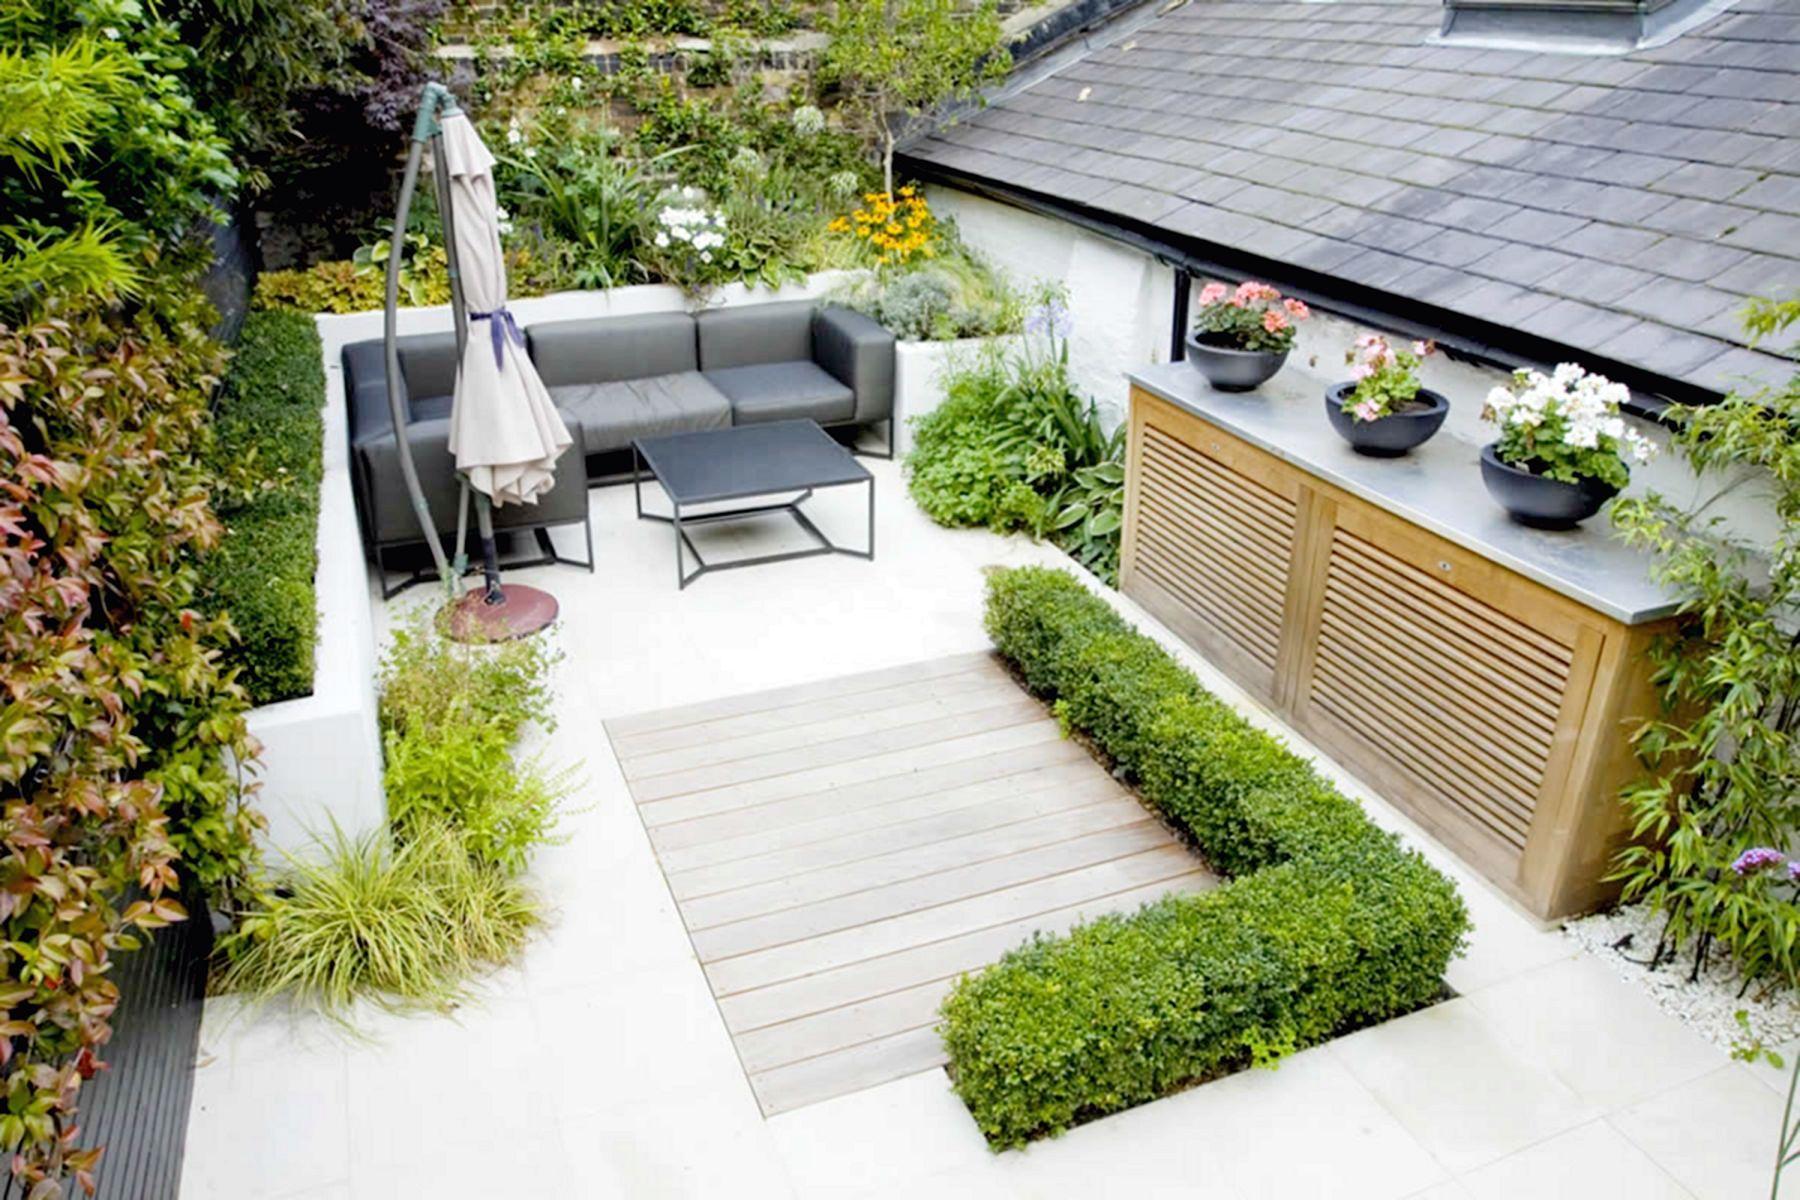 7 Fabulous Backyard Privacy Landscaping Ideas For Cozy Family Relaxing Space Small Garden Design Garden Spaces Backyard